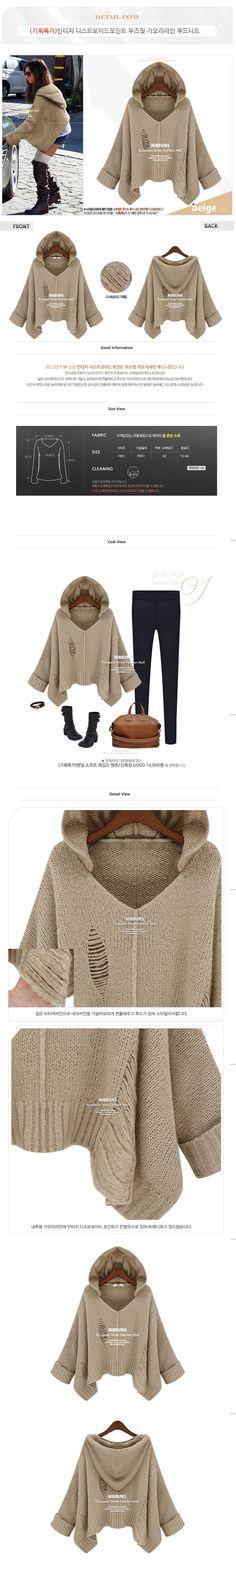 nbs 錯位編織造型連帽針織罩衫:我的時尚夢工廠 myDress 時裳韓風